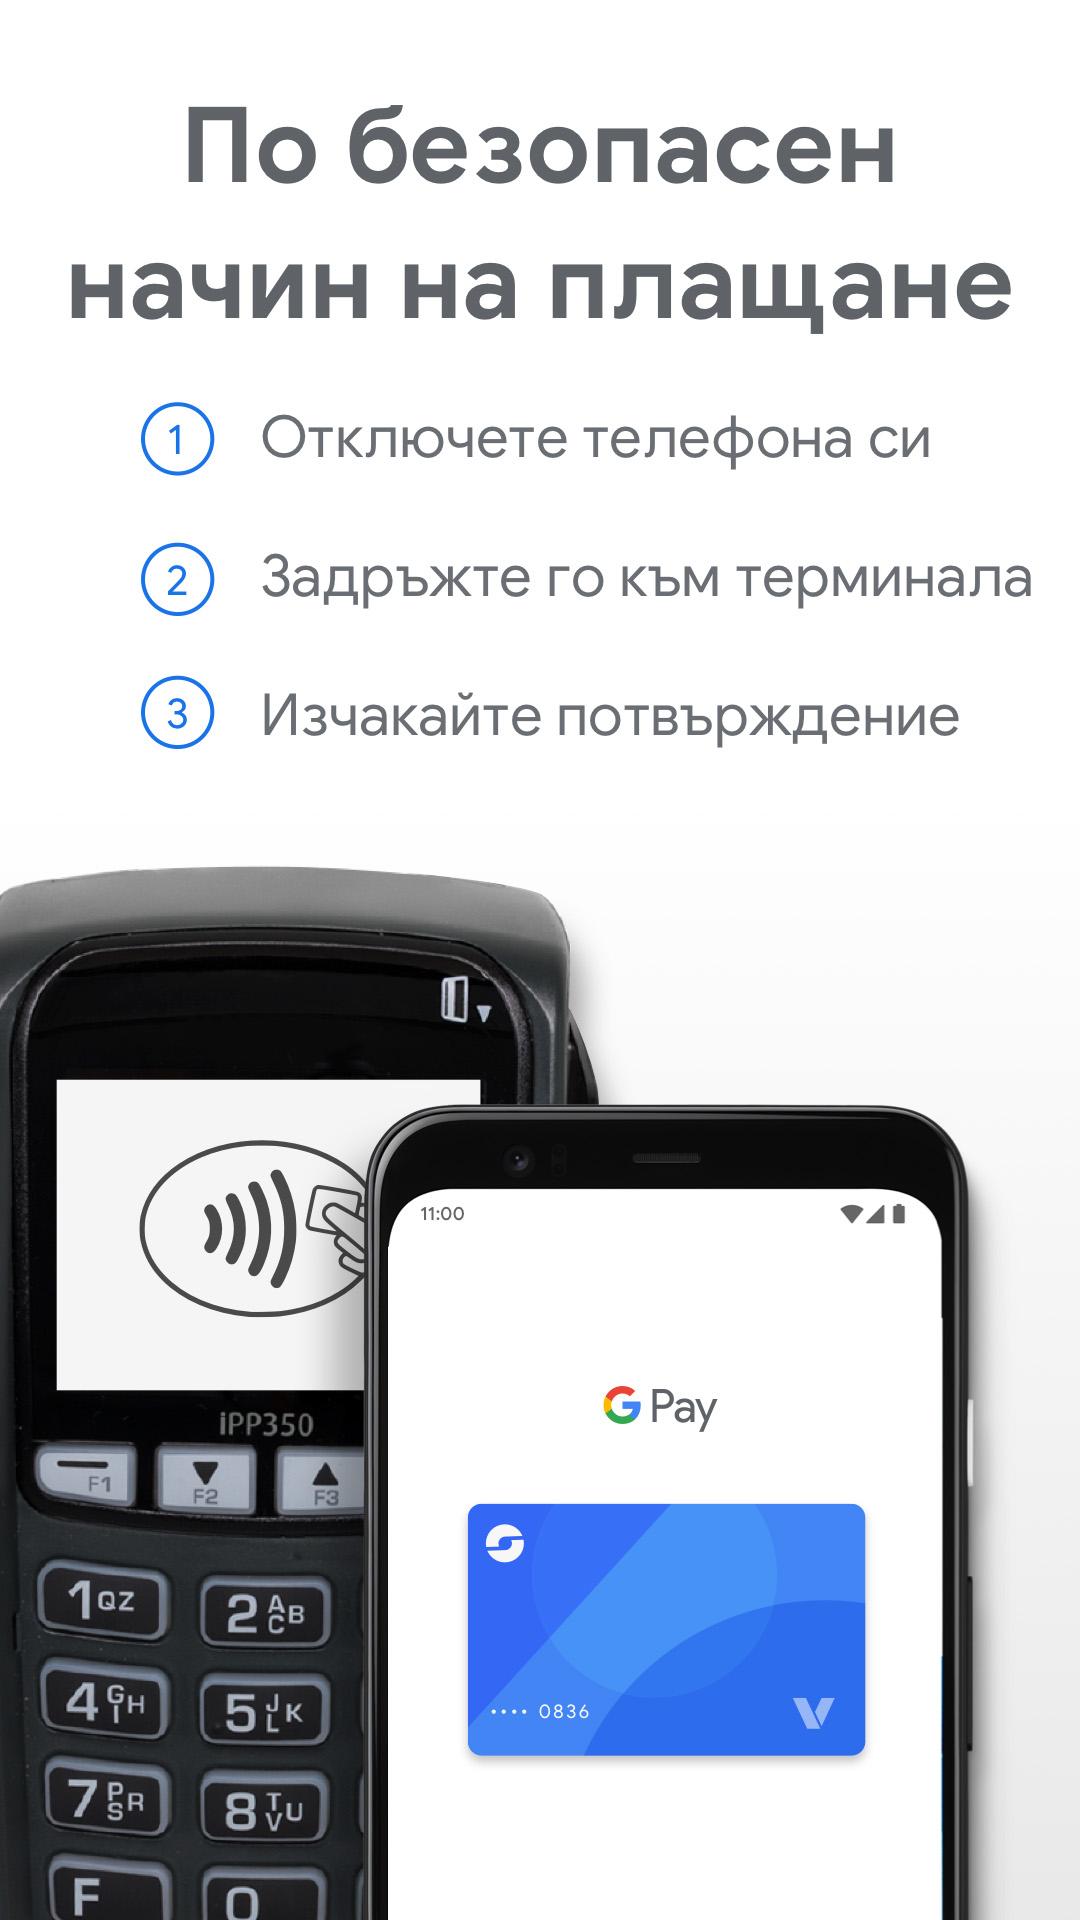 гугъл2